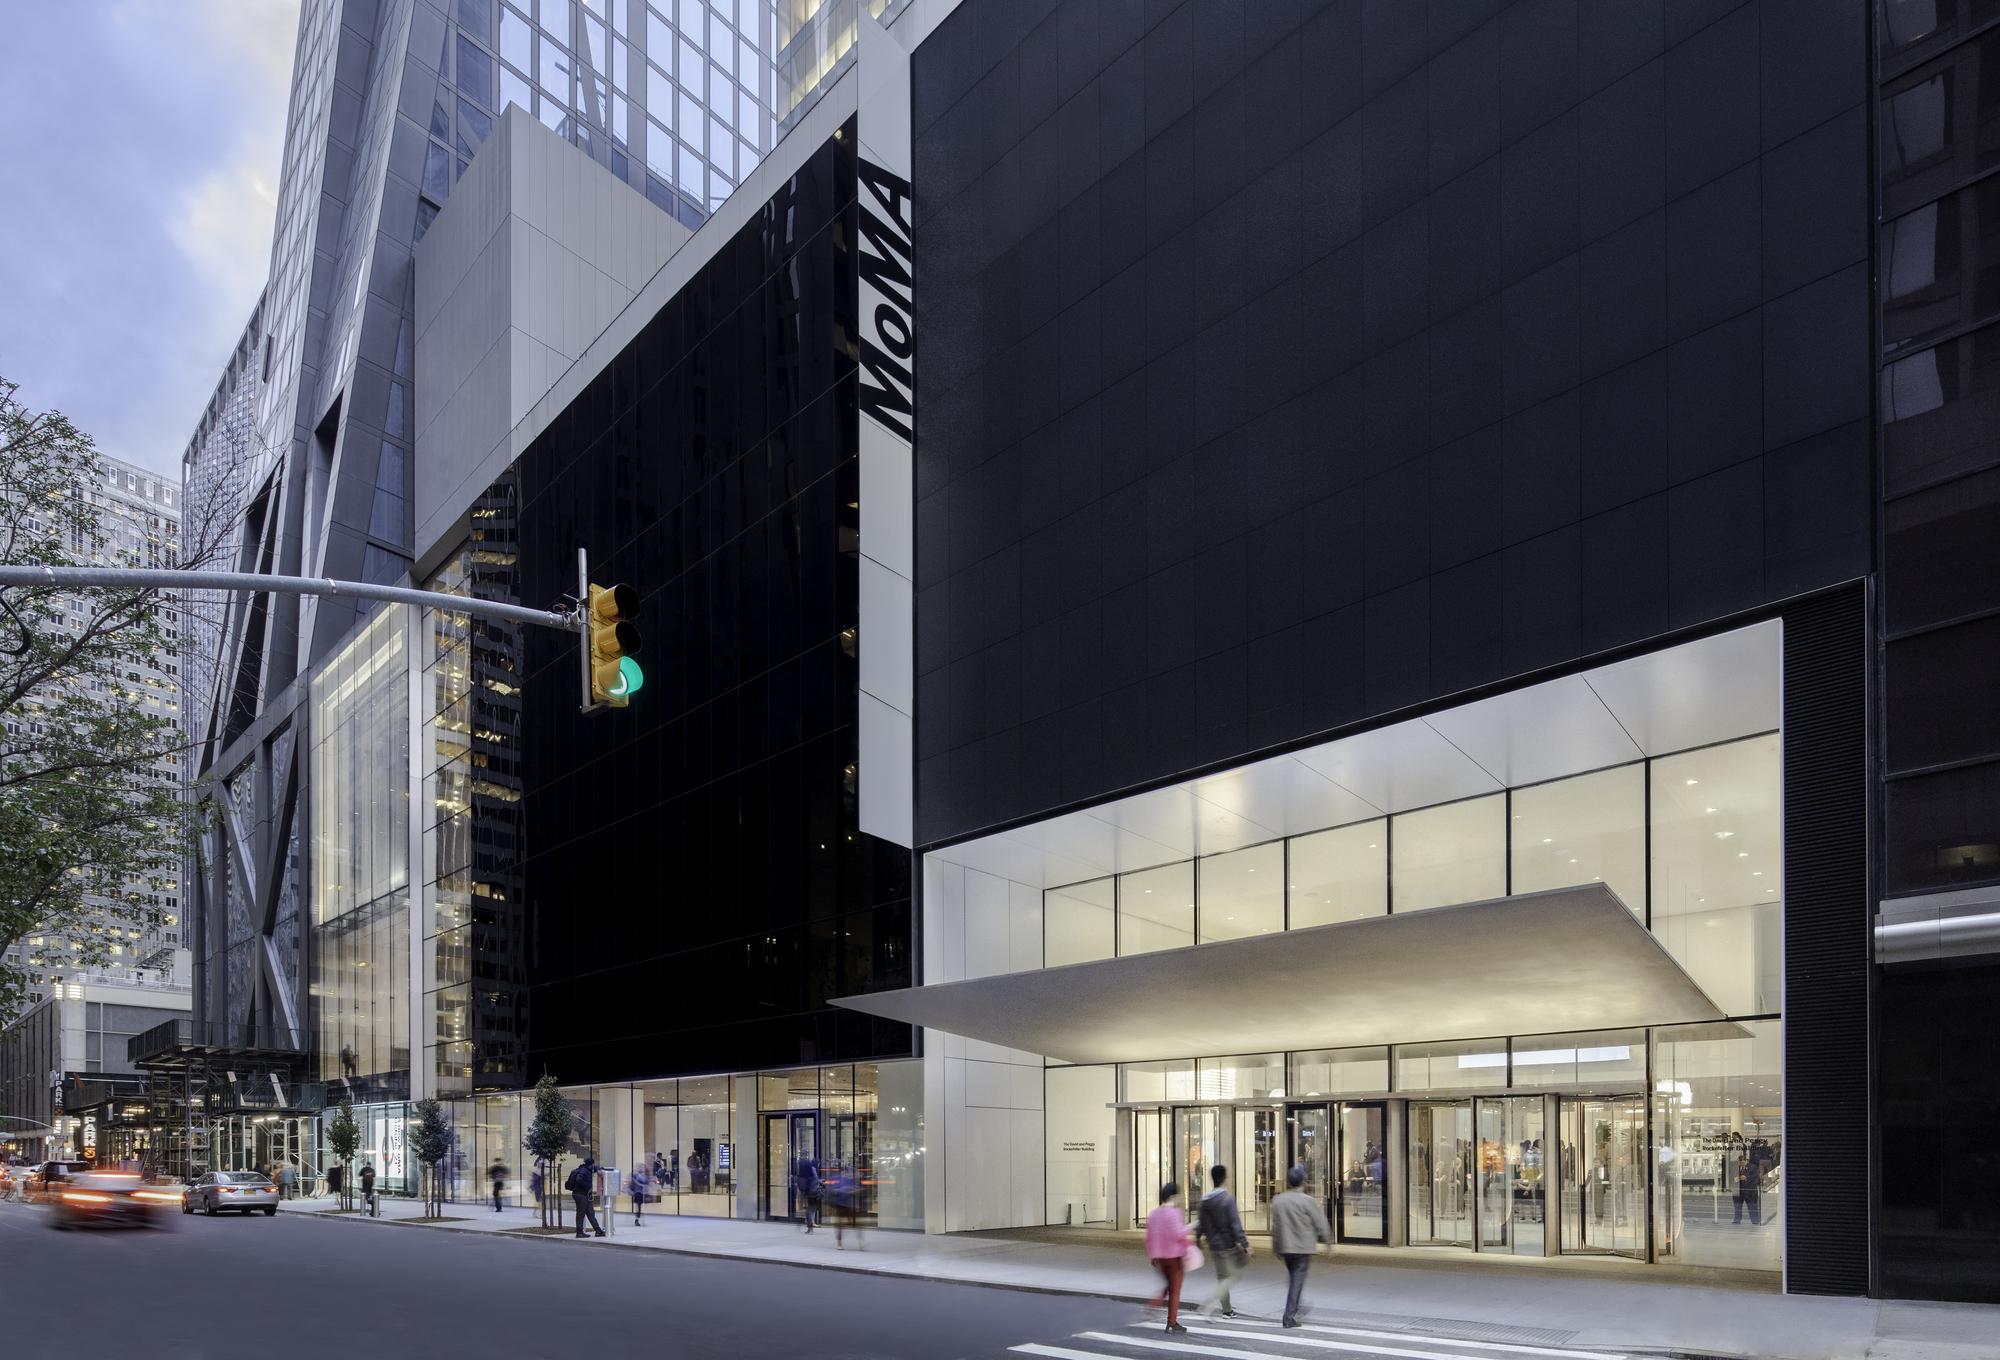 ArchDaily Expansão do MoMA projetada por Diller Scofidio + Renfro